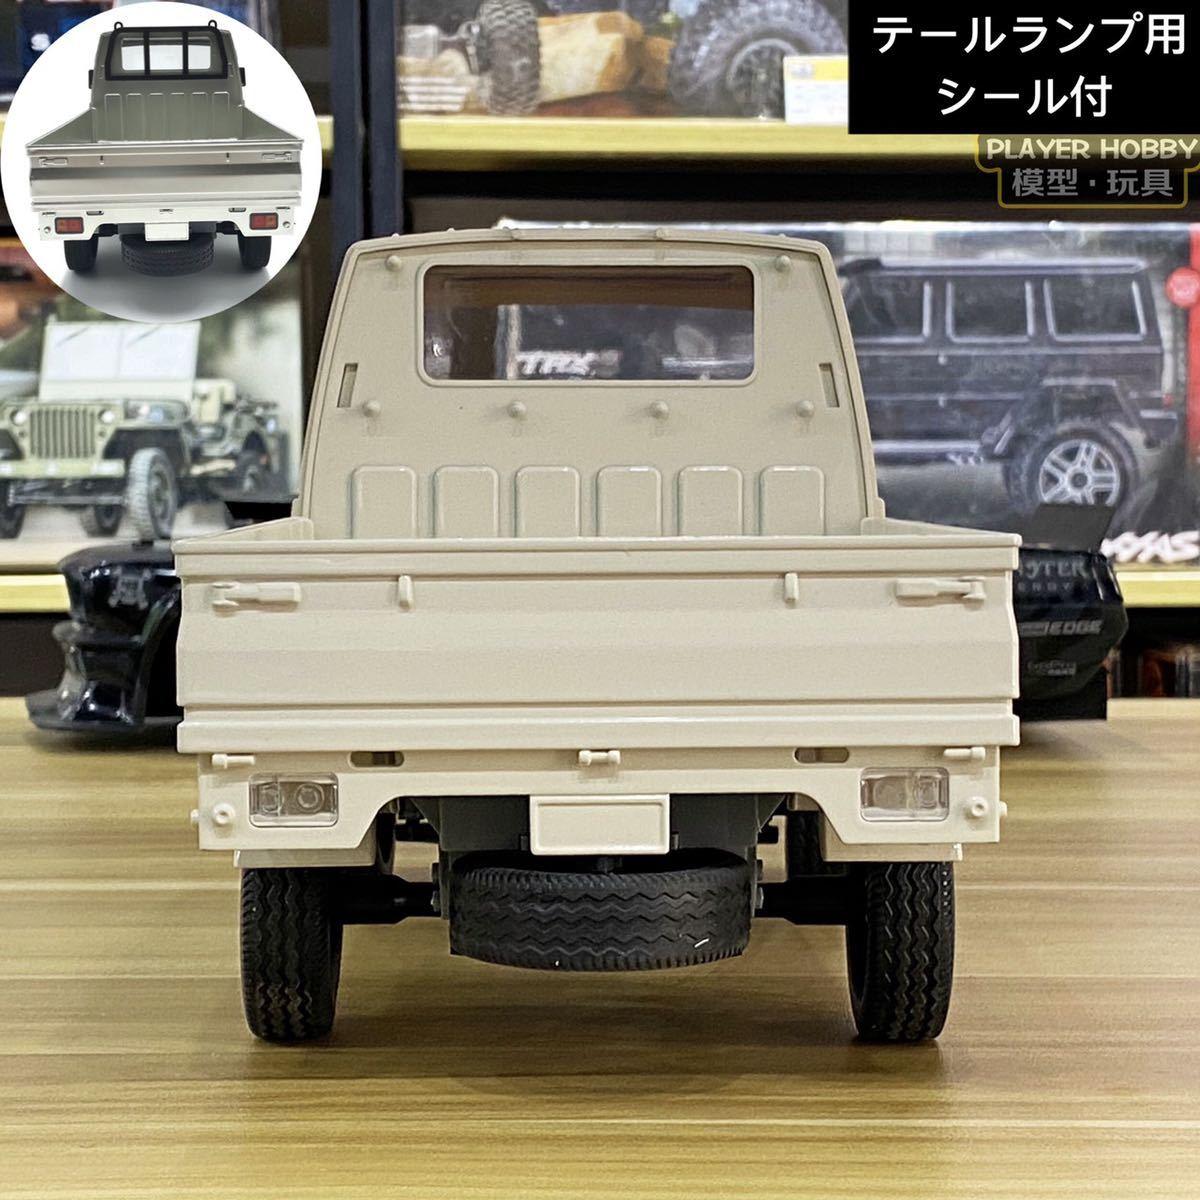 WPL 軽トラ ラジコンカー 1/10 全2種 RTR ミッドシップ MR 軽トラック RC 車 トラック 2WD リヤ駆動 D-12型 バッテリー付 ドリフト可能_画像5